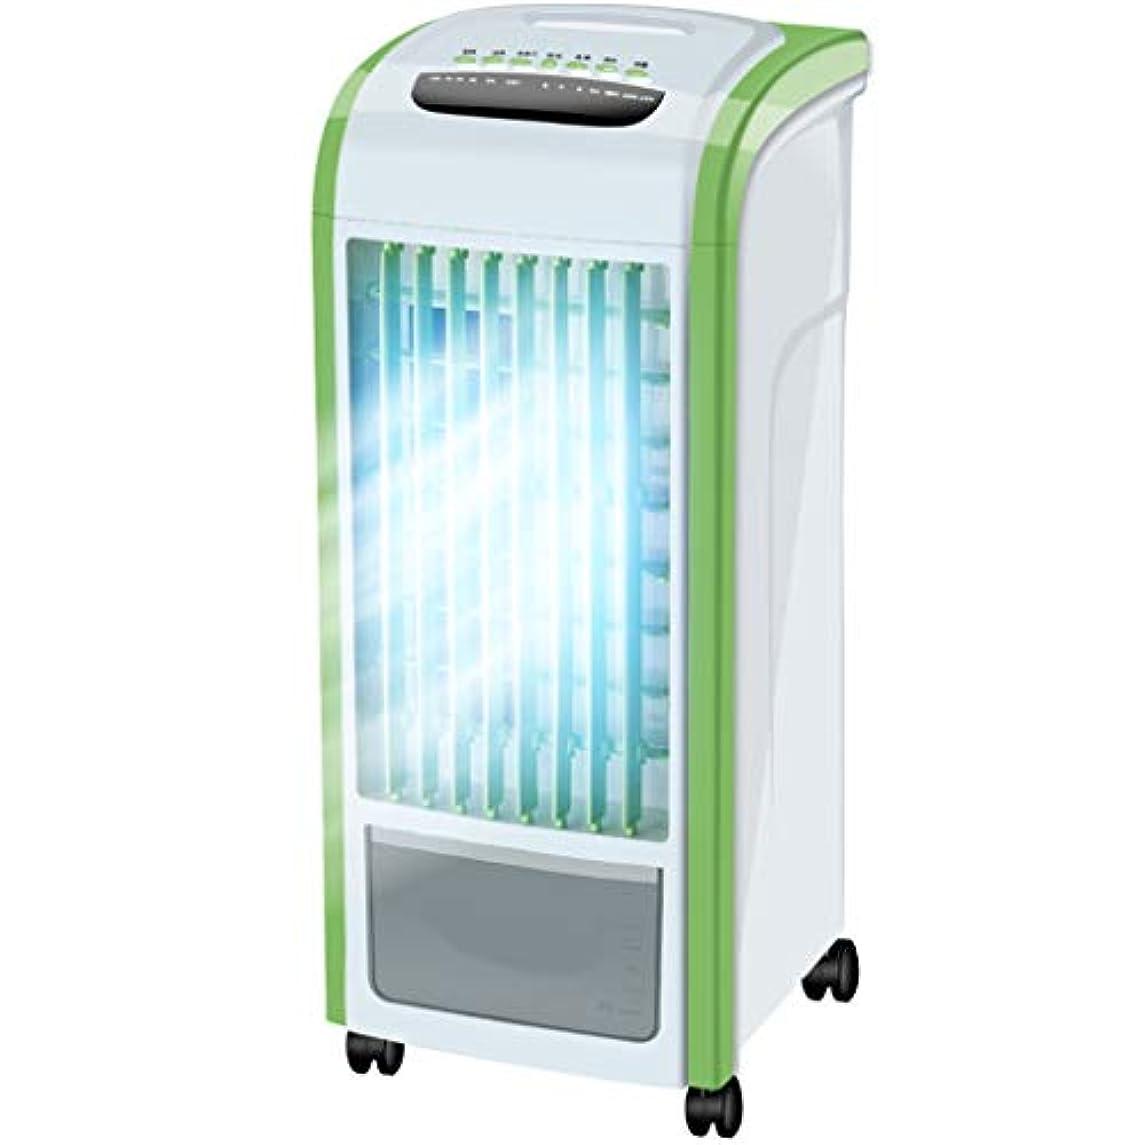 キネマティクス光のフィードバック移動式エアコン, スポットクーラー,省エネ、7.5時間タイマー、3.5リットルの大型水タンク、リモートで使用可能、緑